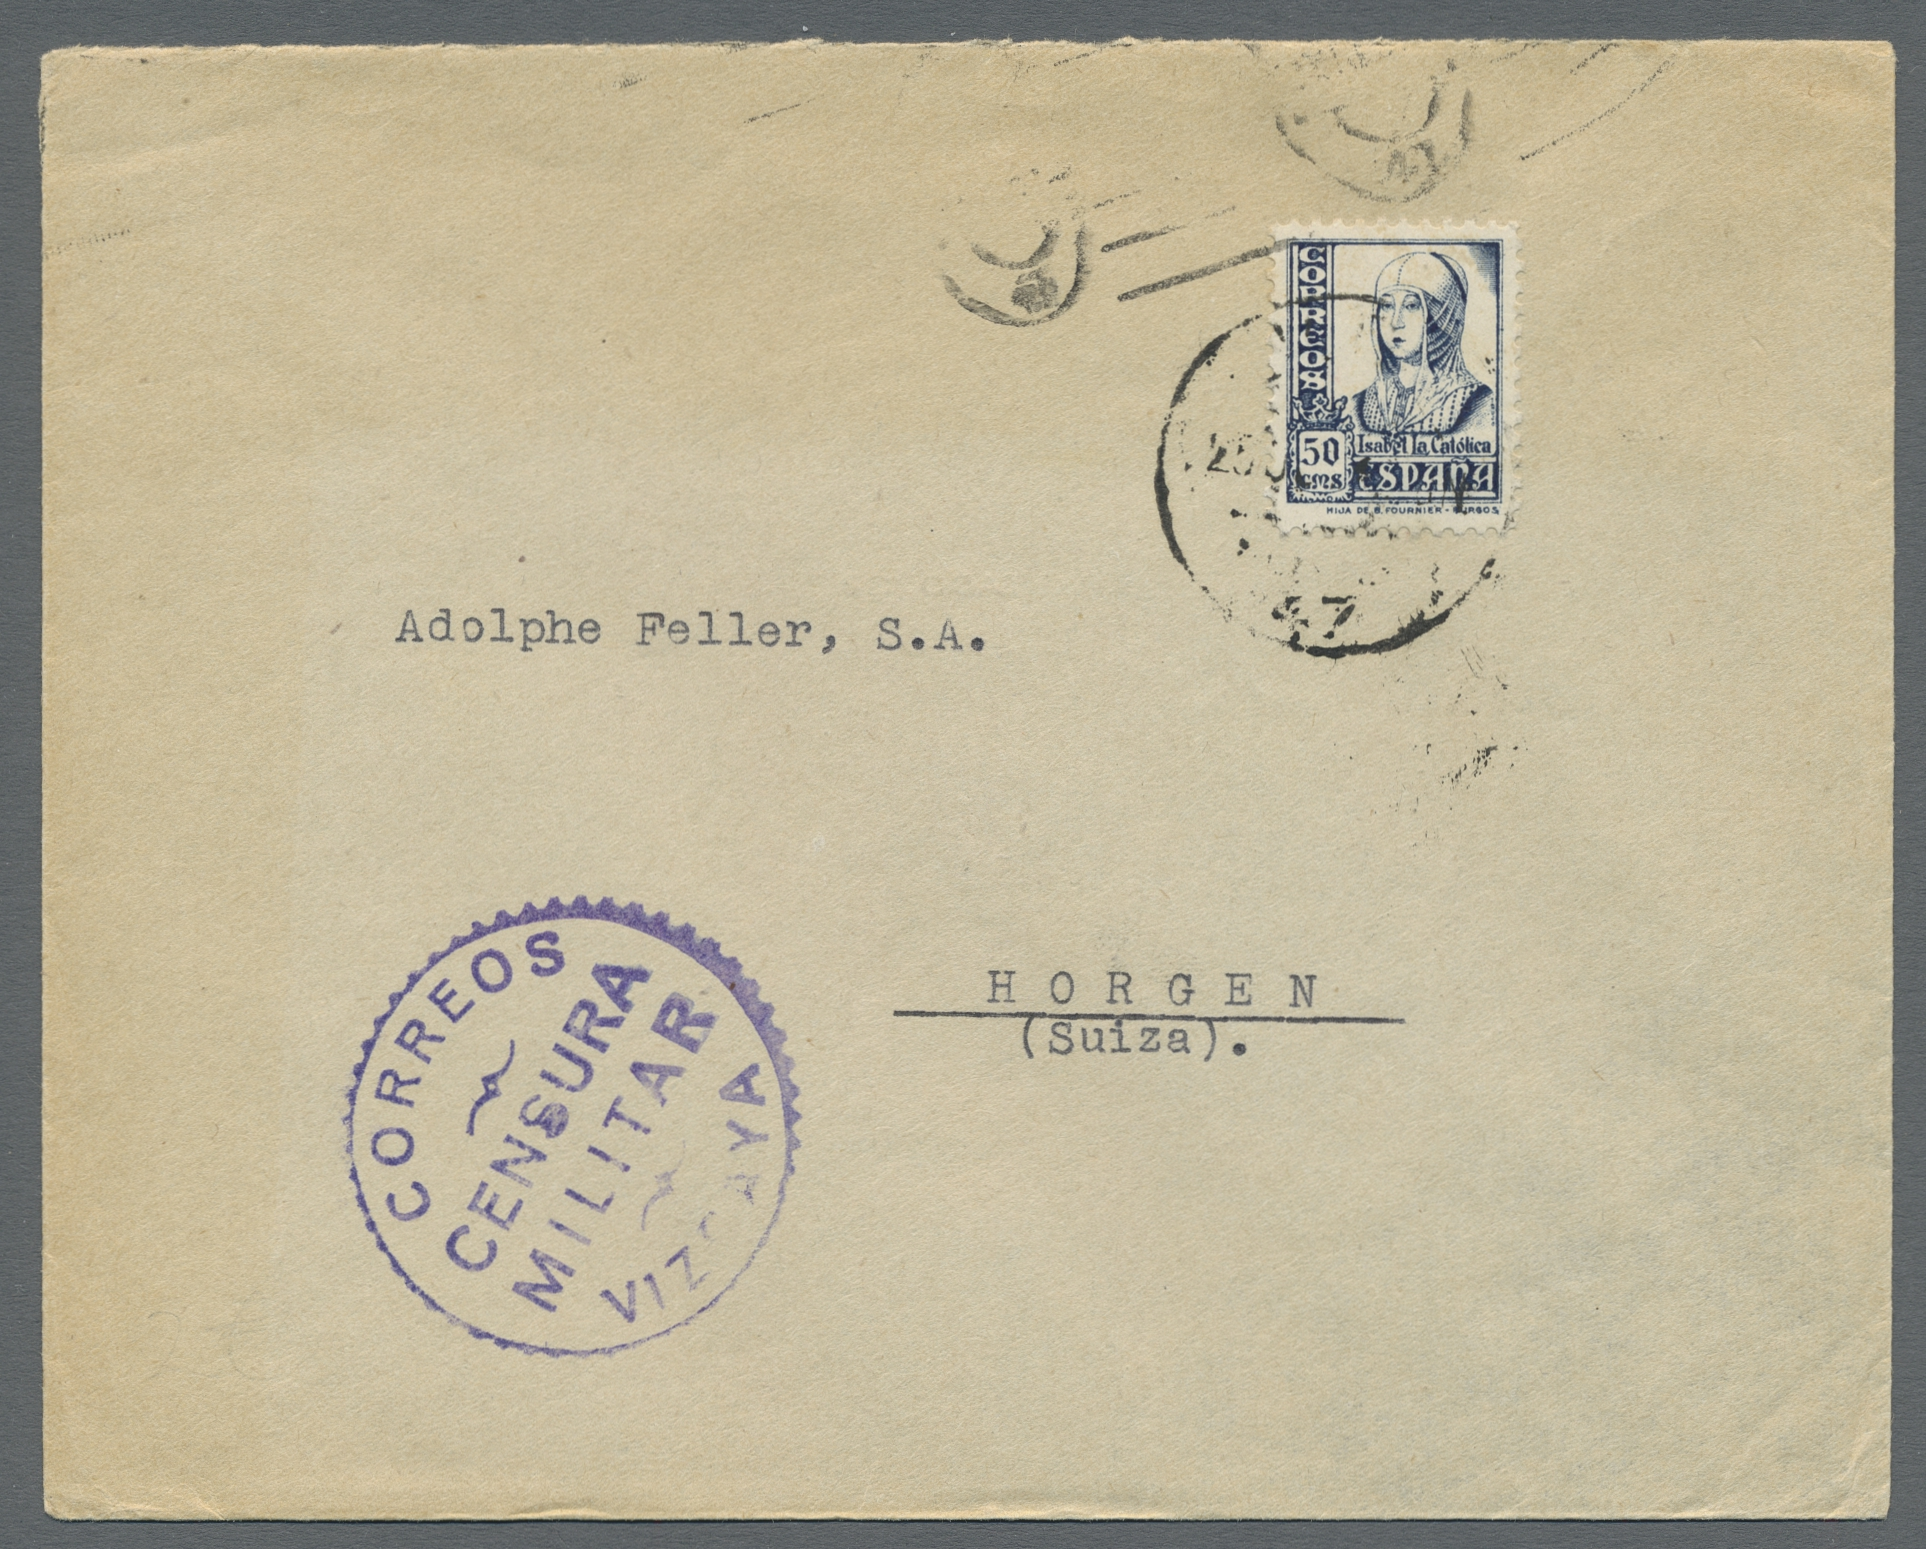 19 Grossartig Briefumschlag Beschriften Vorlage